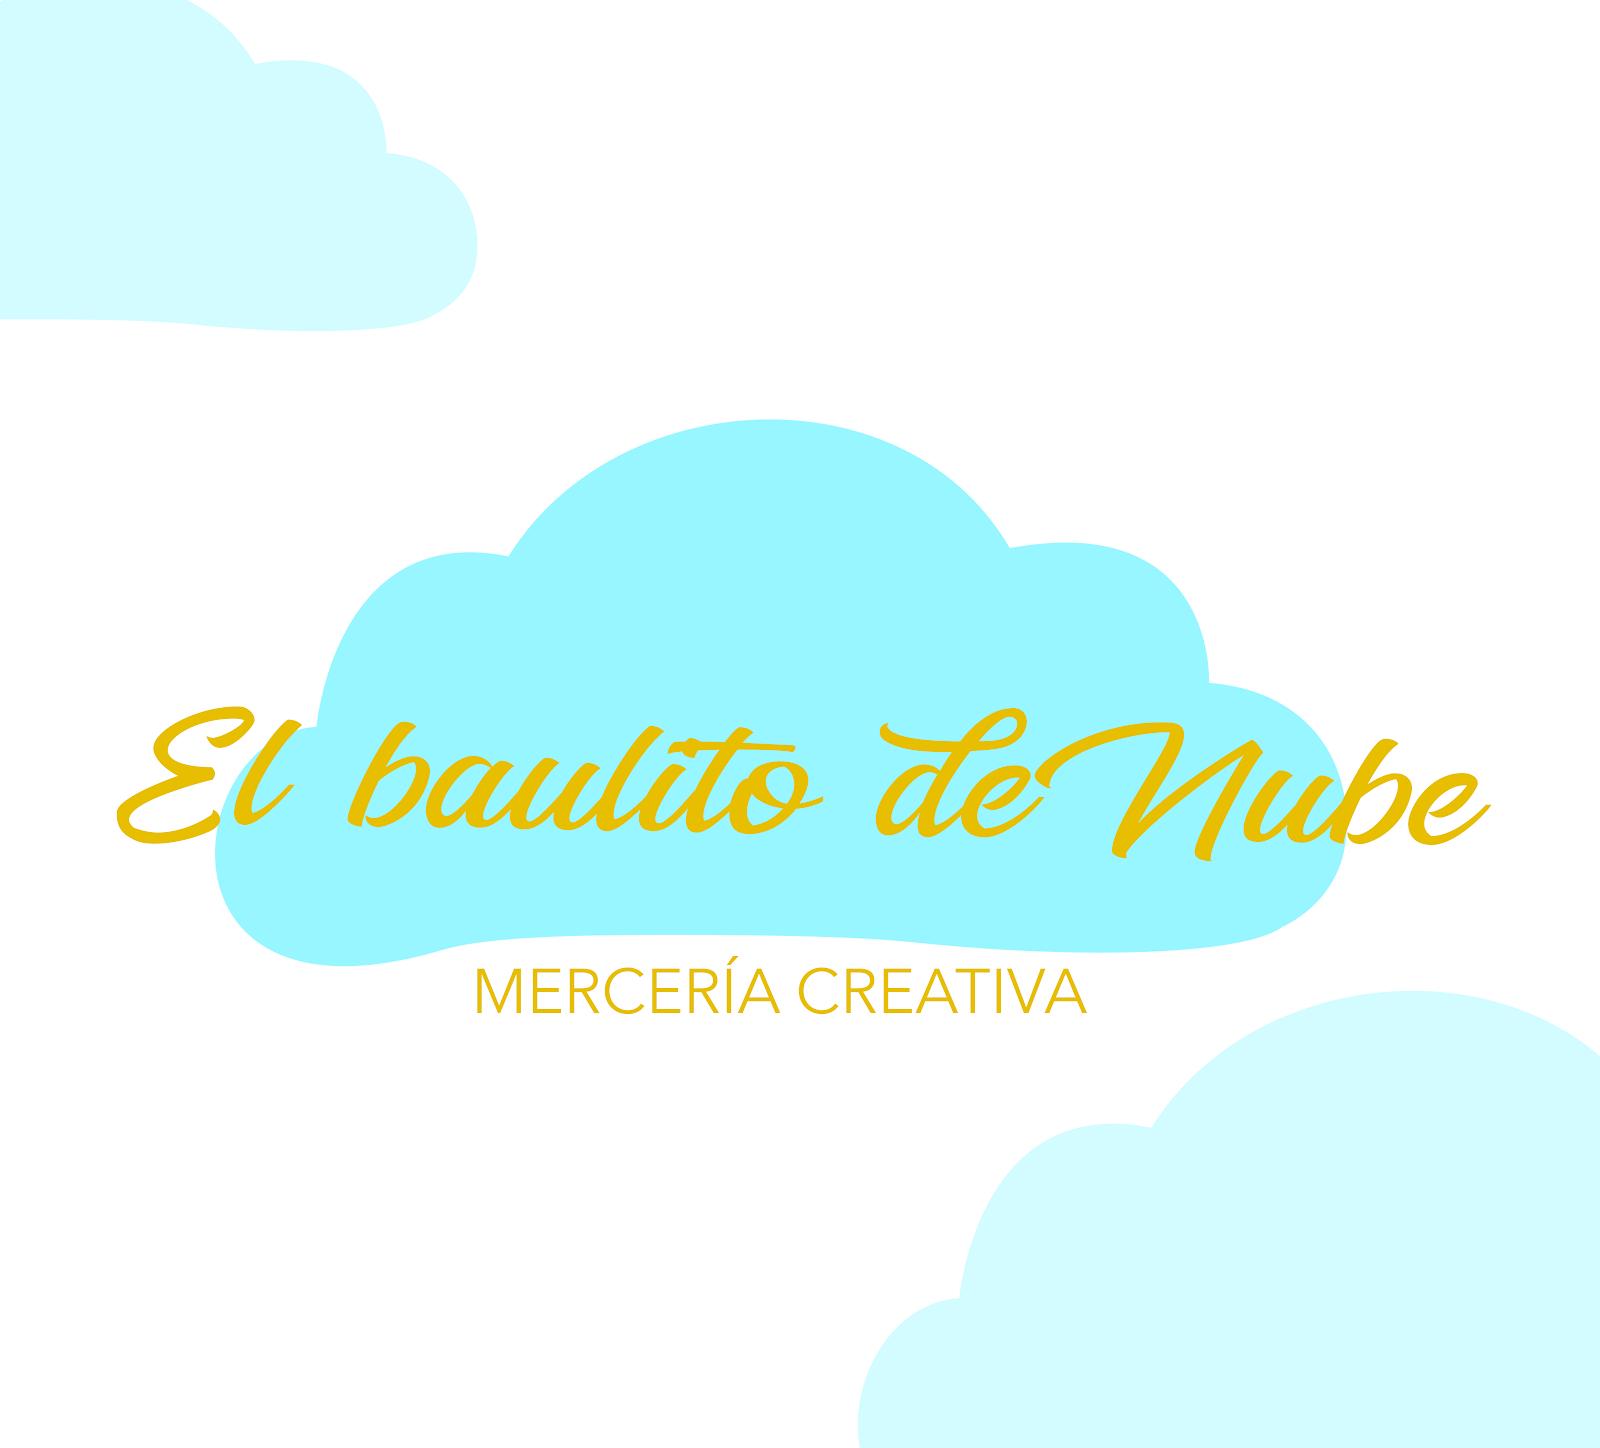 El Baulito de Nube